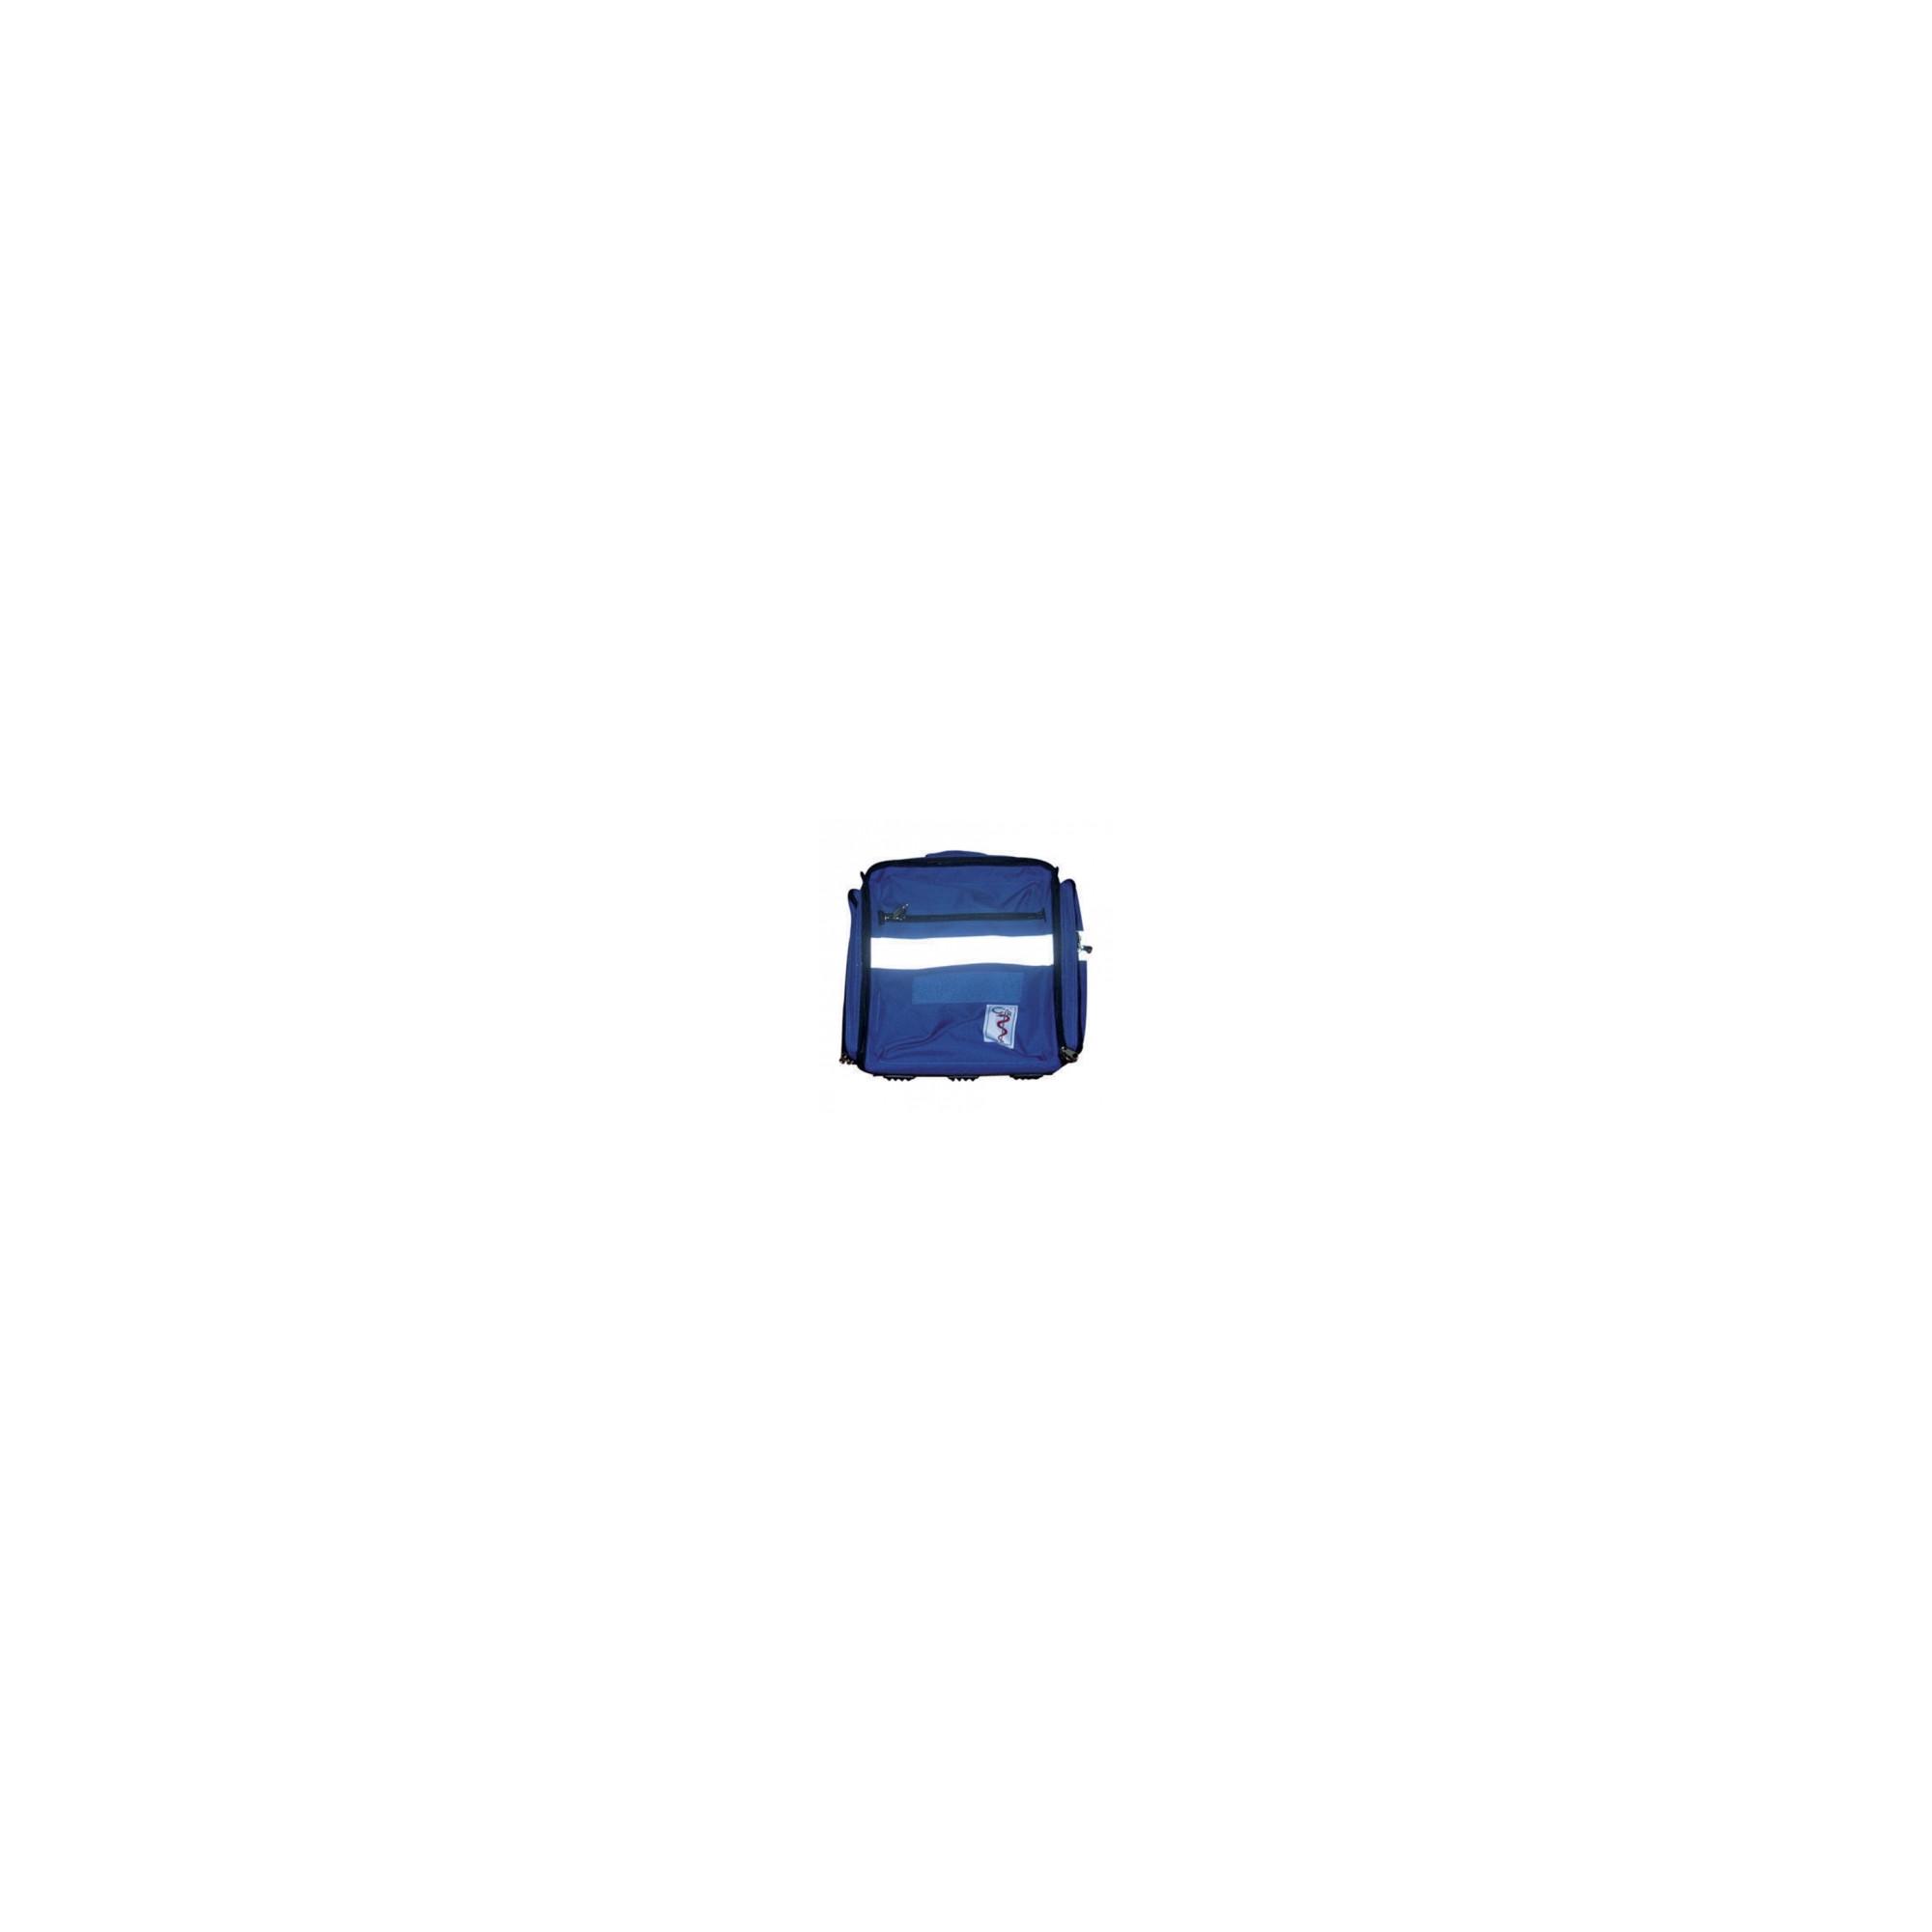 Sacoche portable Medisac -Bleu